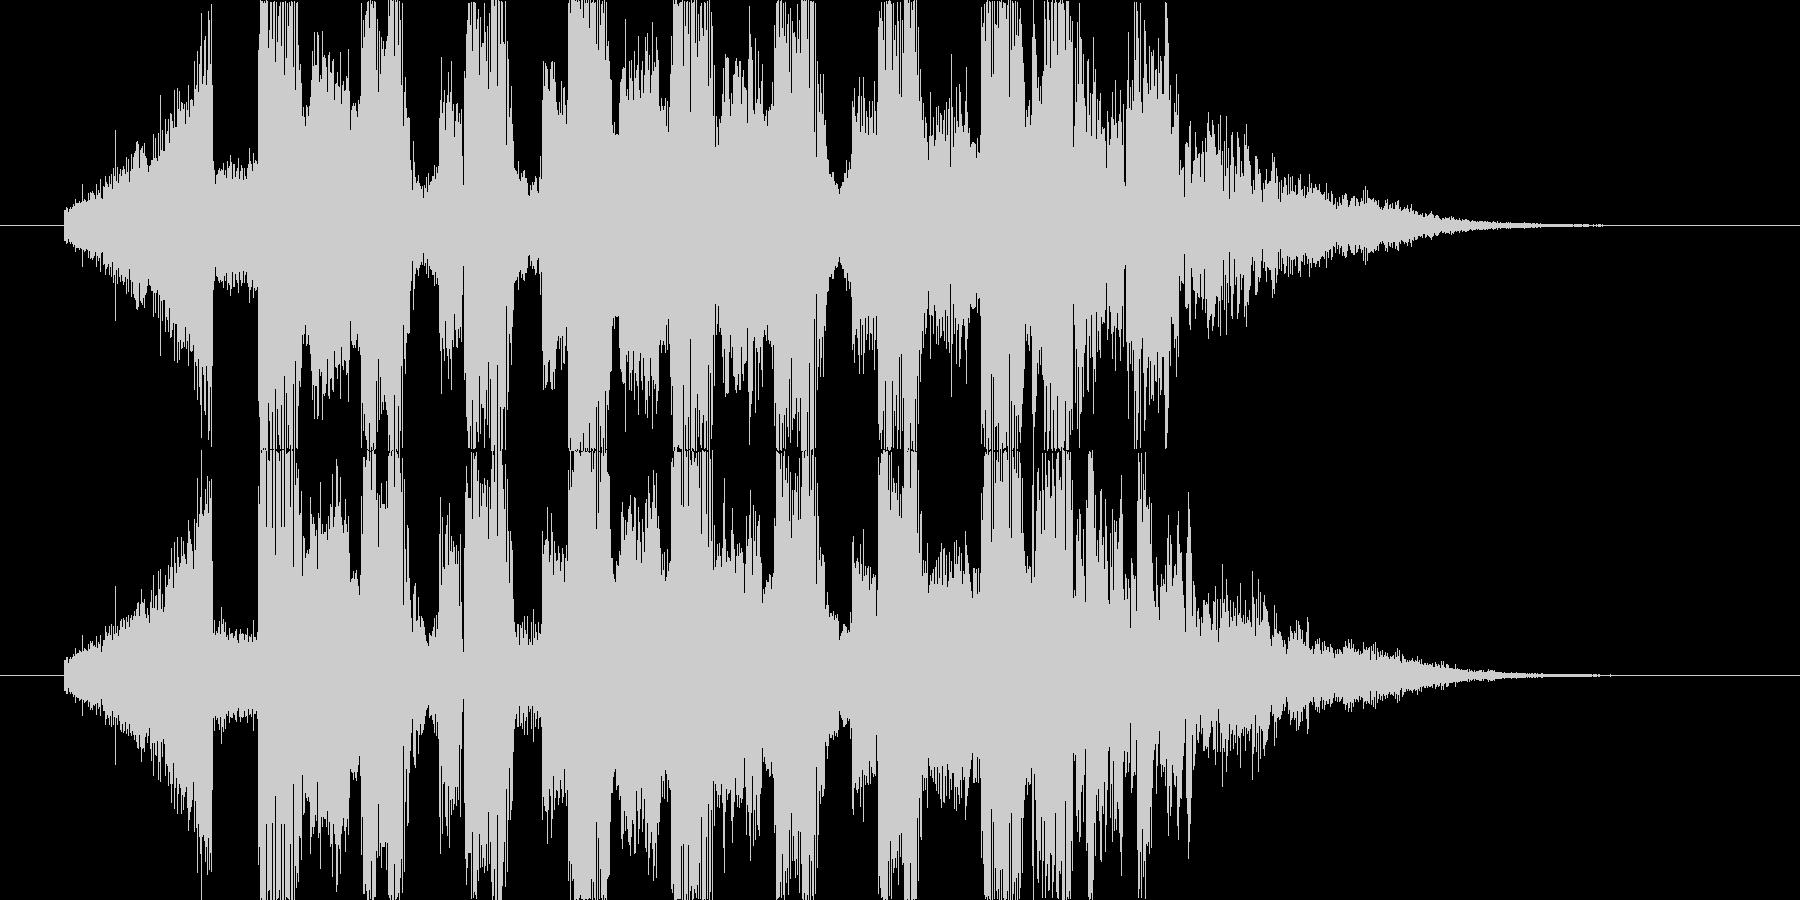 シンセサイザーが印象的なBGMの未再生の波形